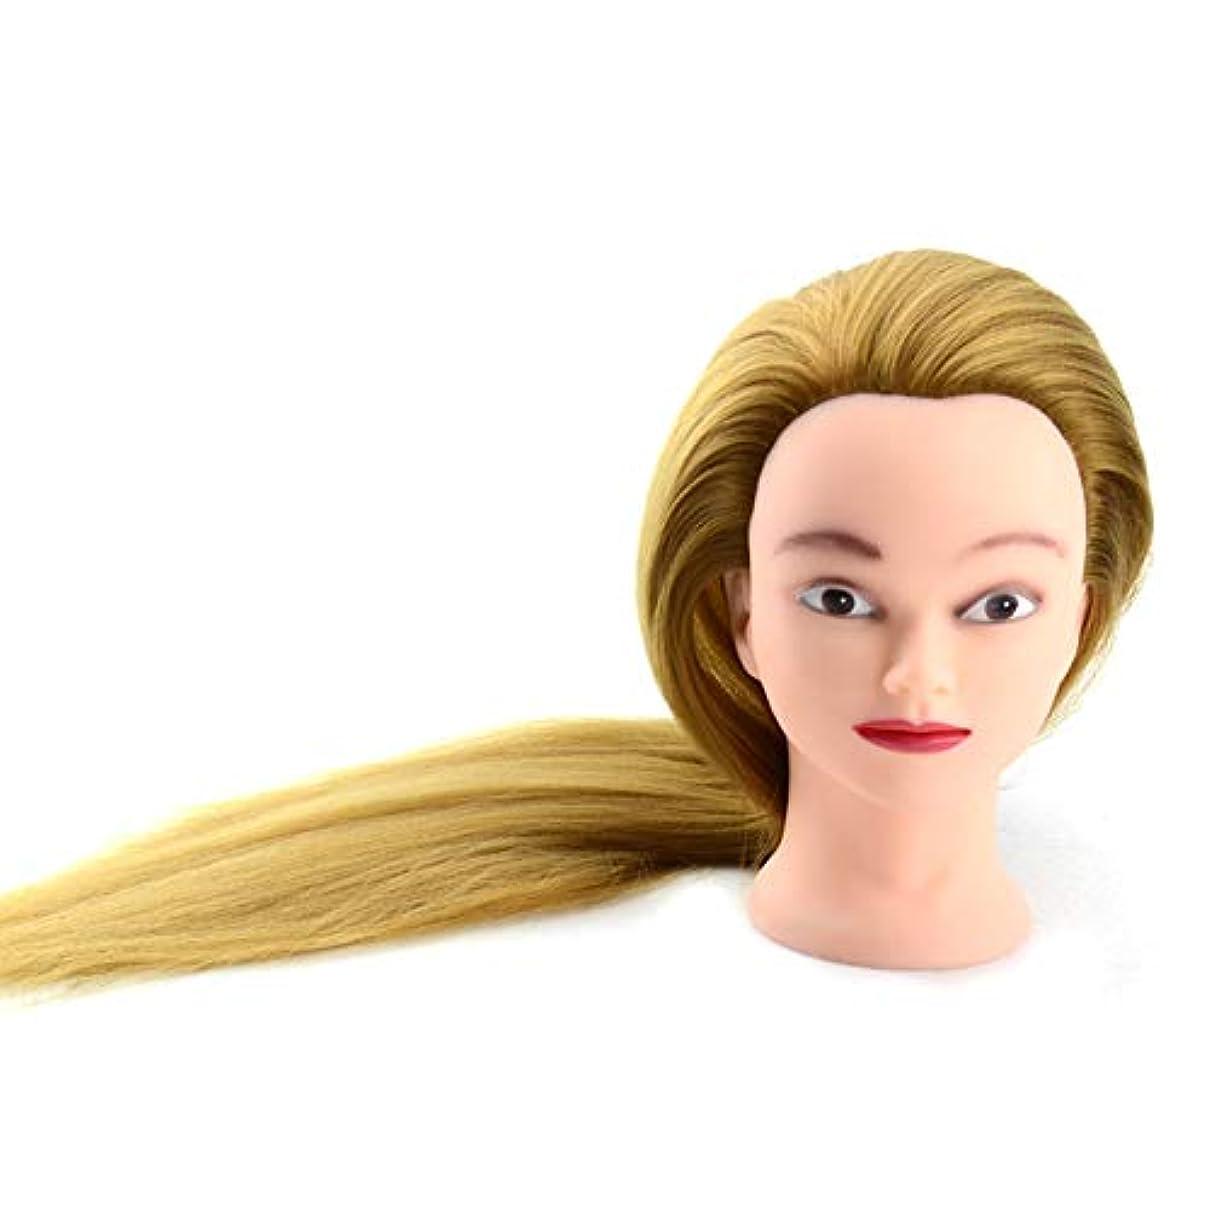 他のバンドで嫌な郵便局化学繊維ウィッグヘッドモデル花嫁メイクスタイリング練習ダミーヘッドサロントリミング学習マネキンヘッド